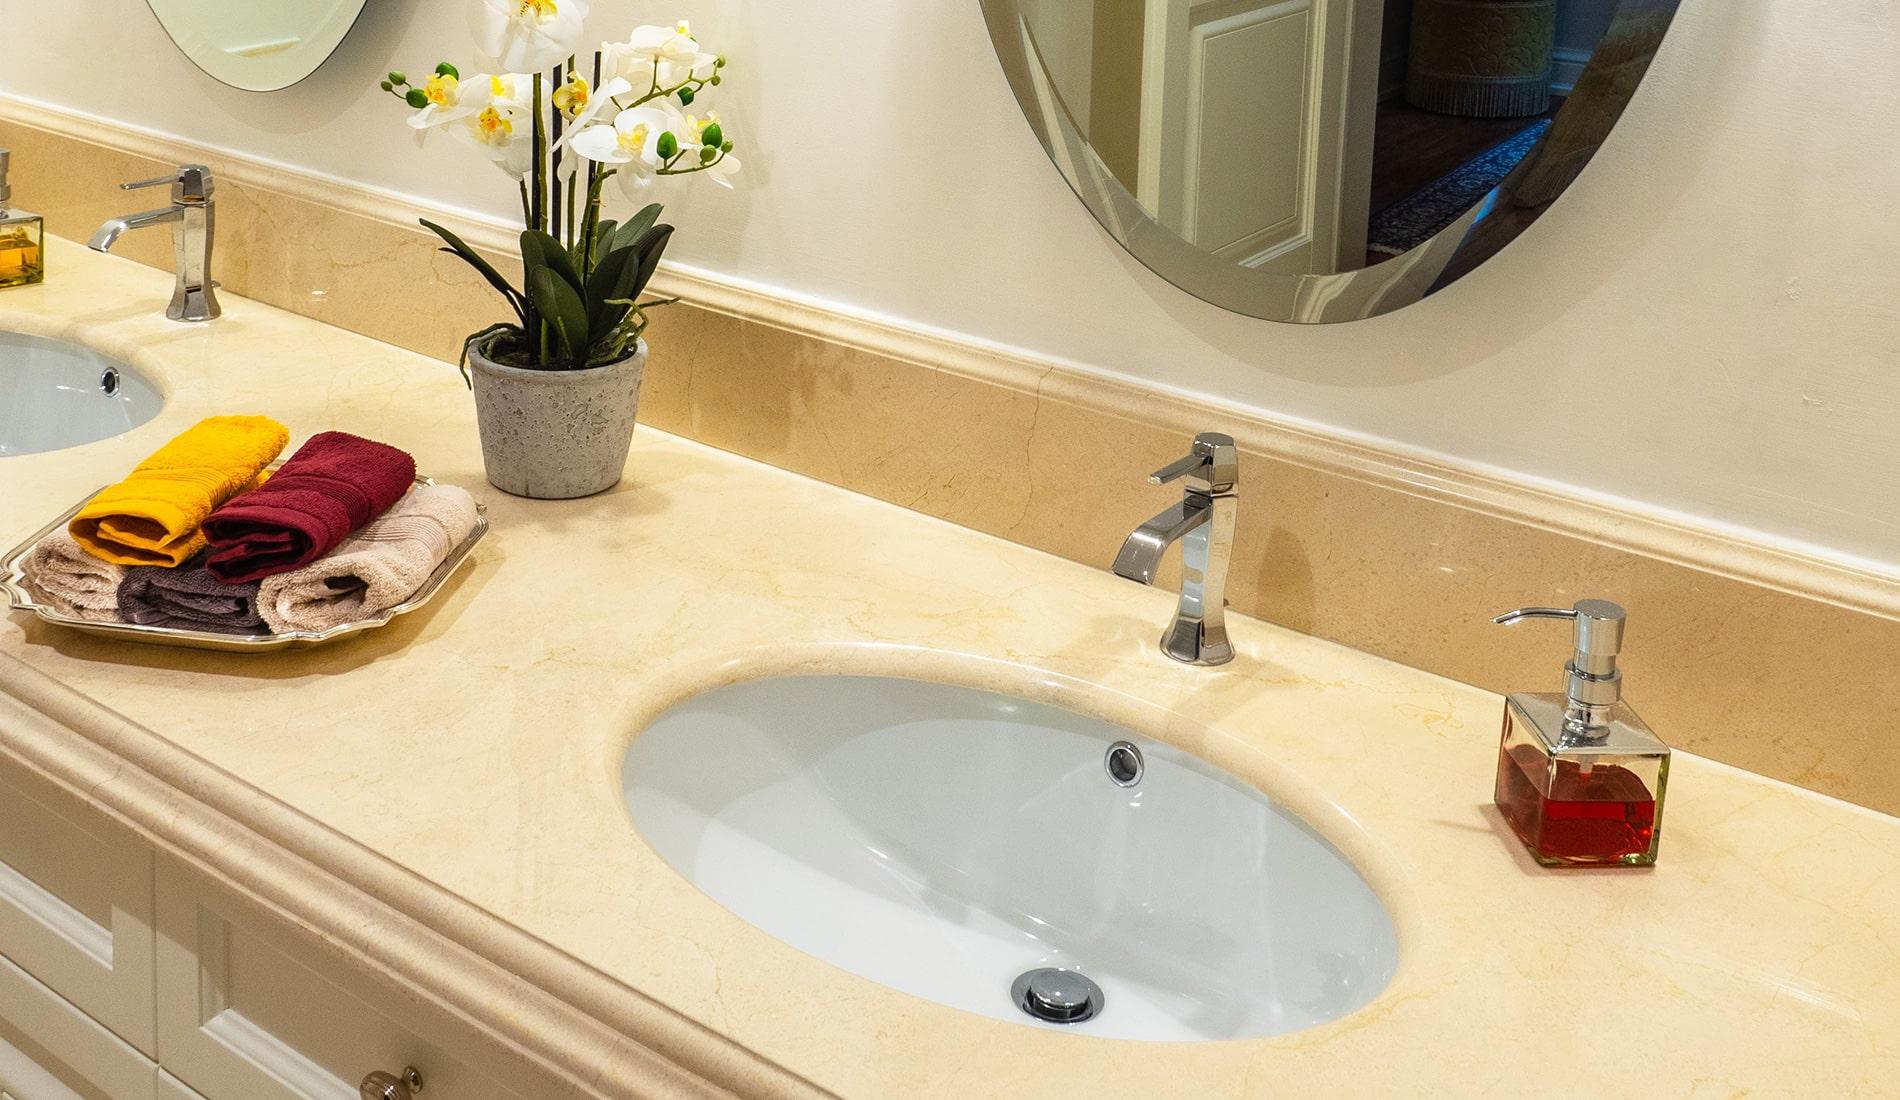 marmi-strada-bagni-in-marmo-naturale-lavelli-vasche-docce-rivestimenti-9